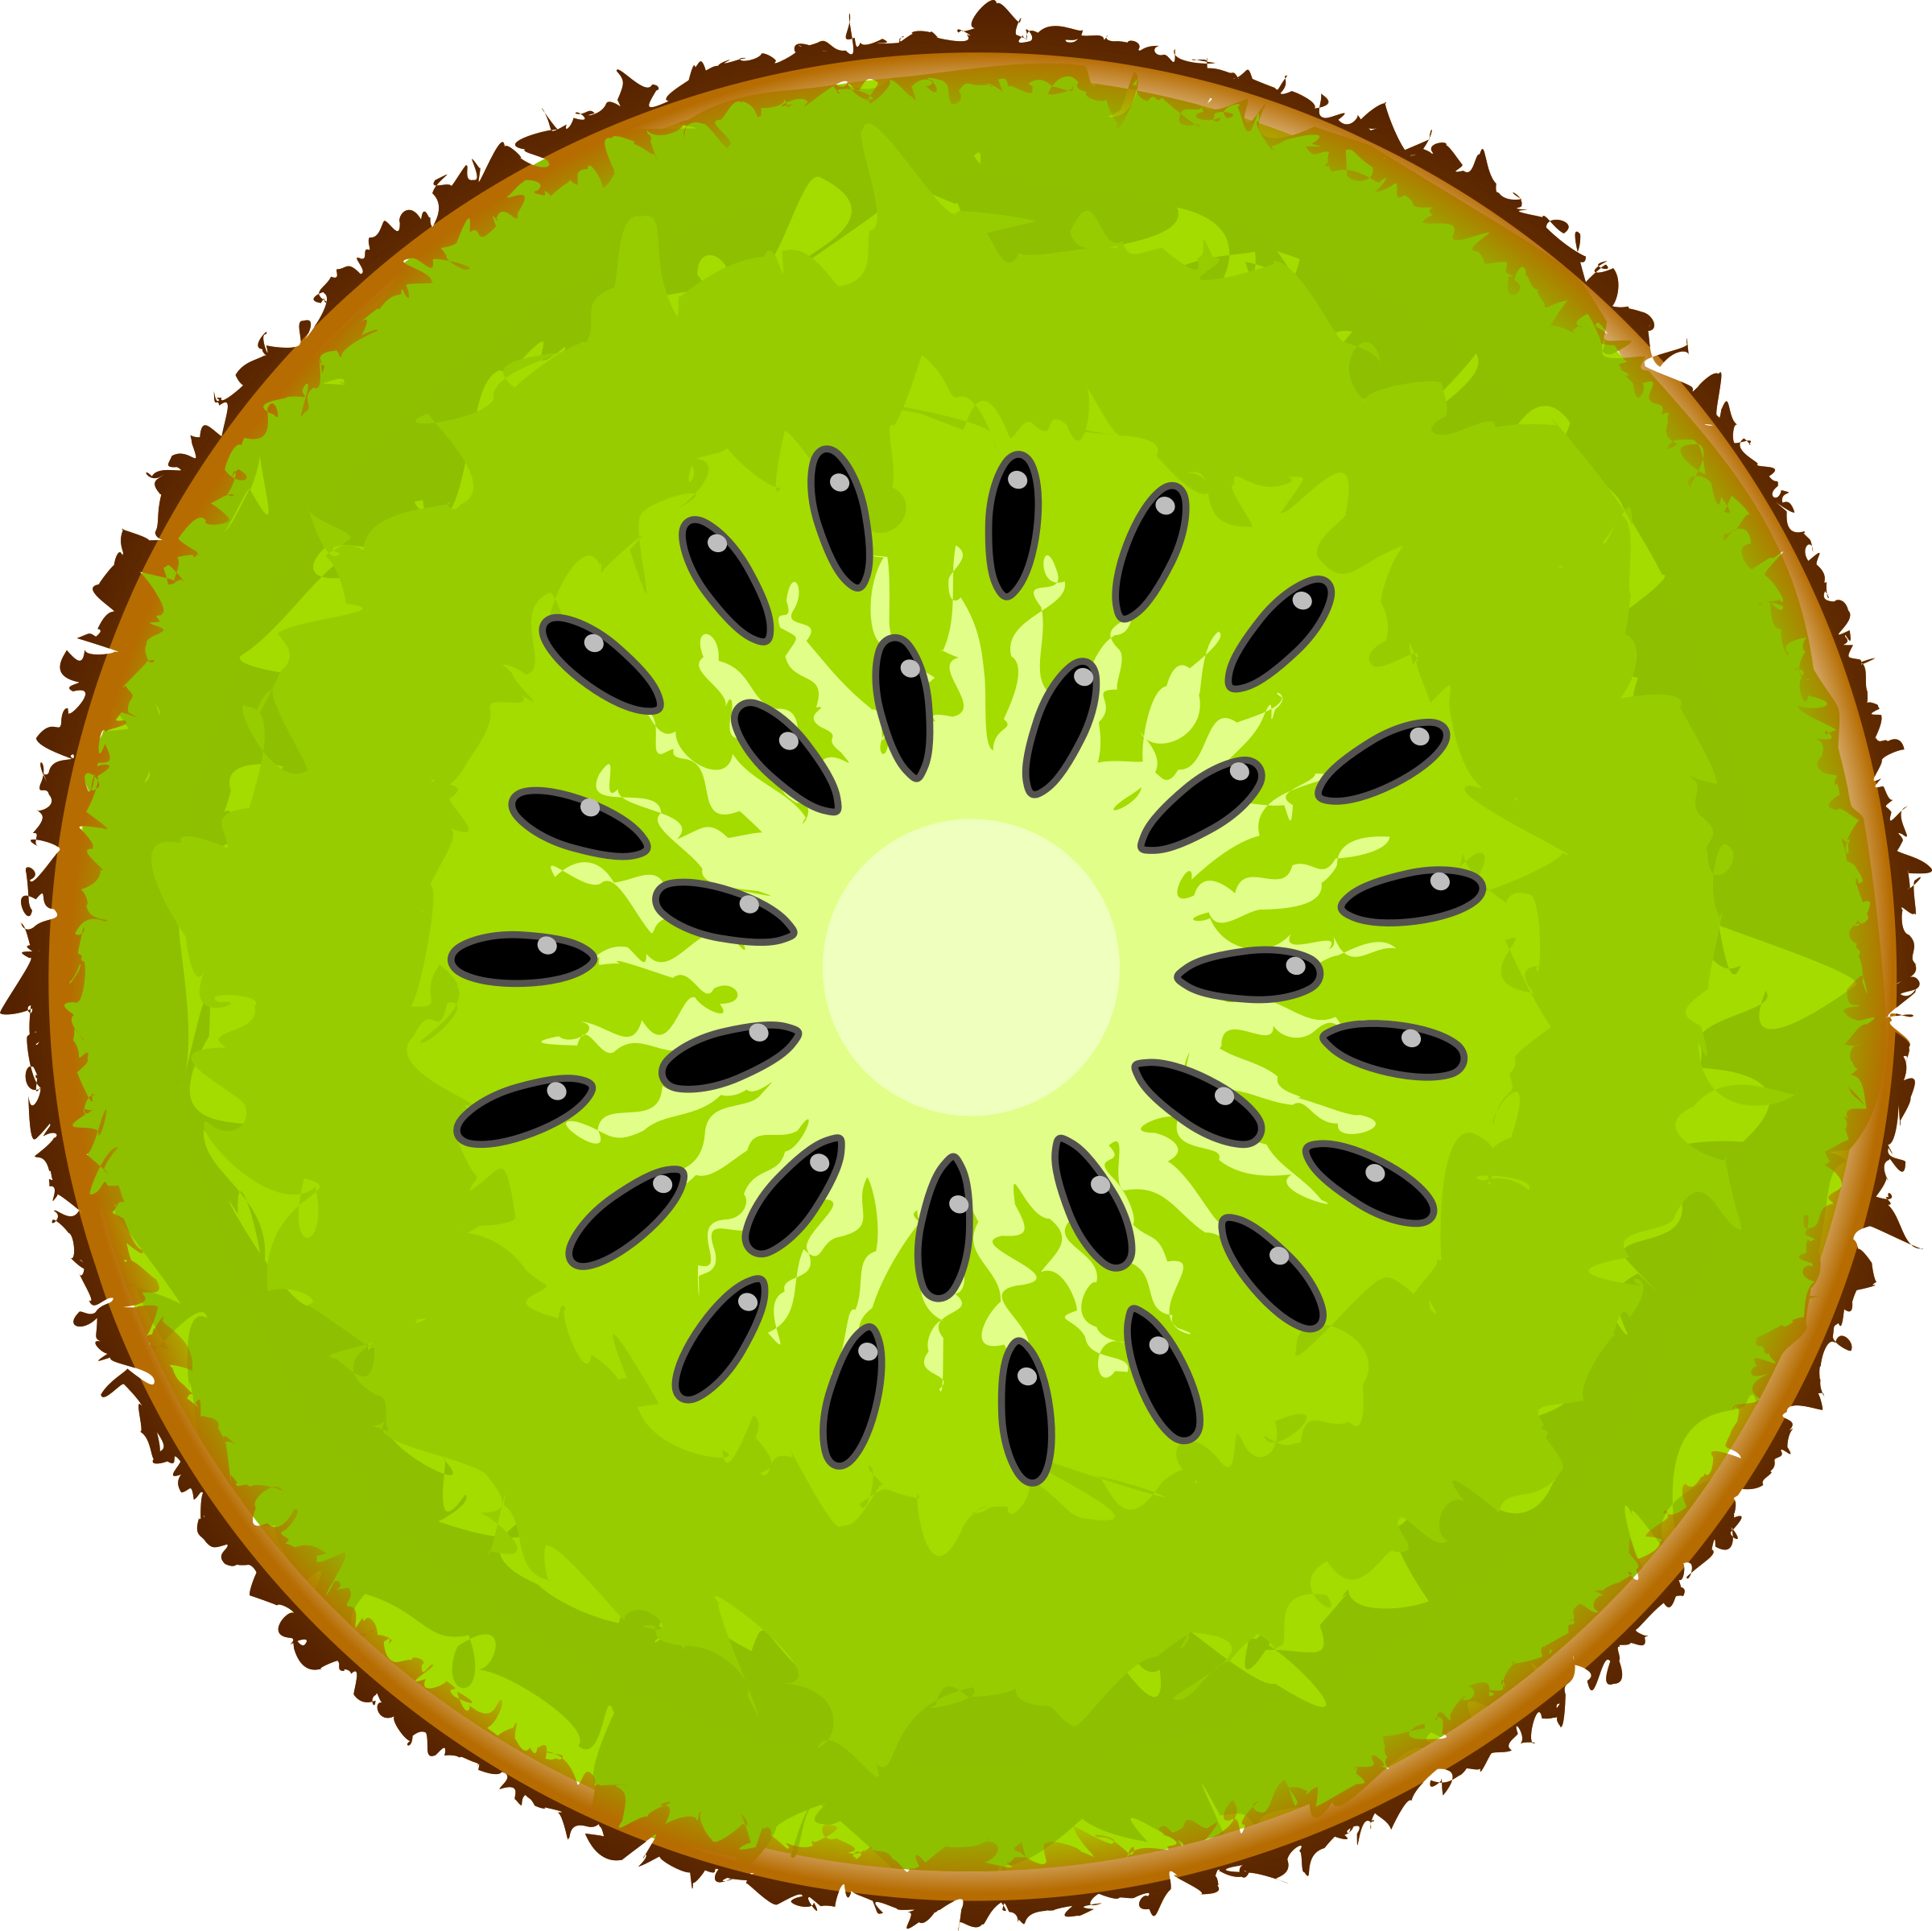 Kiwi Clipart Image Kiwi Fruit. Kiwi Slice PNG Image